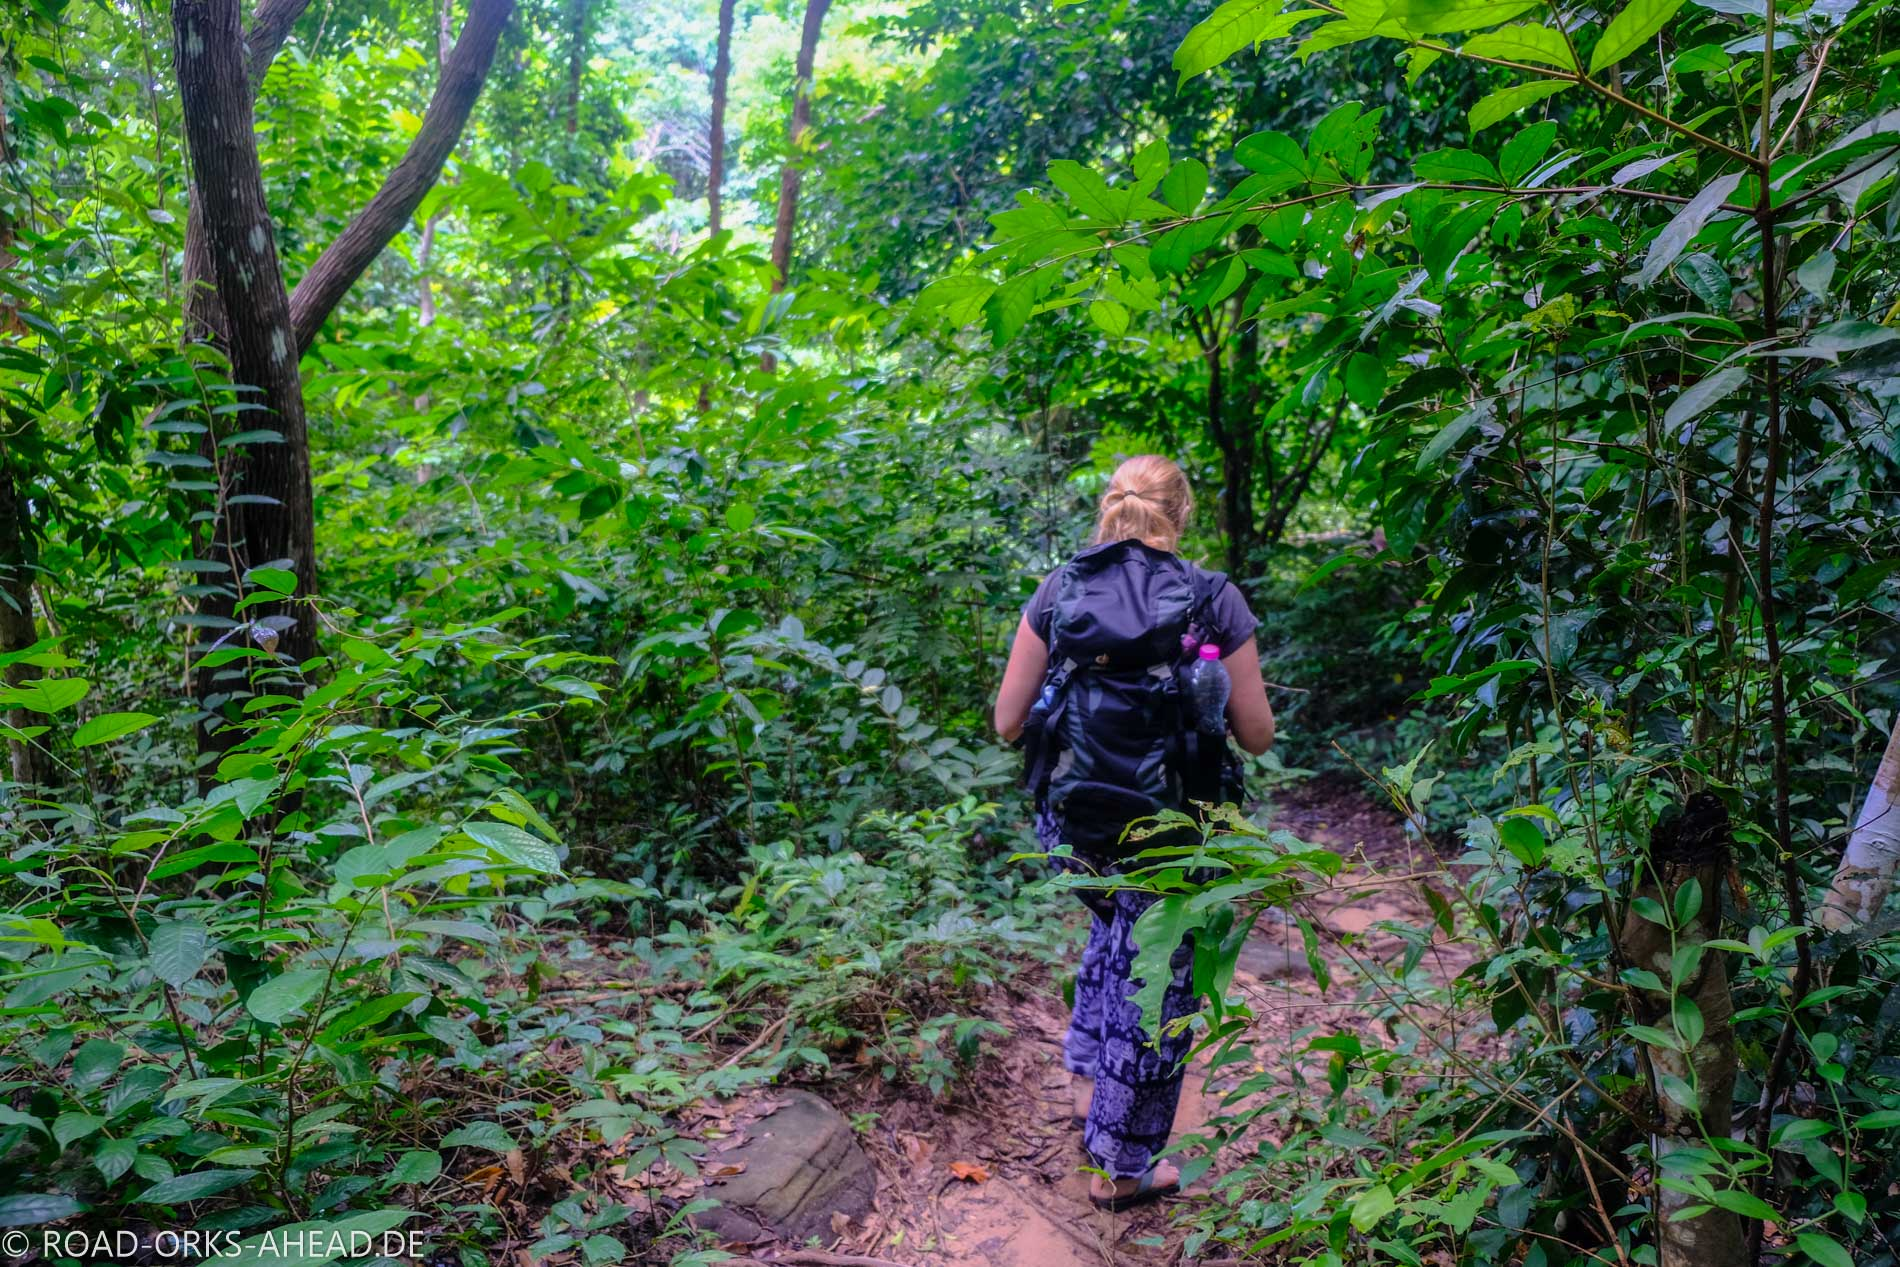 Dschungelwanderung, stilecht mit Flip Flops